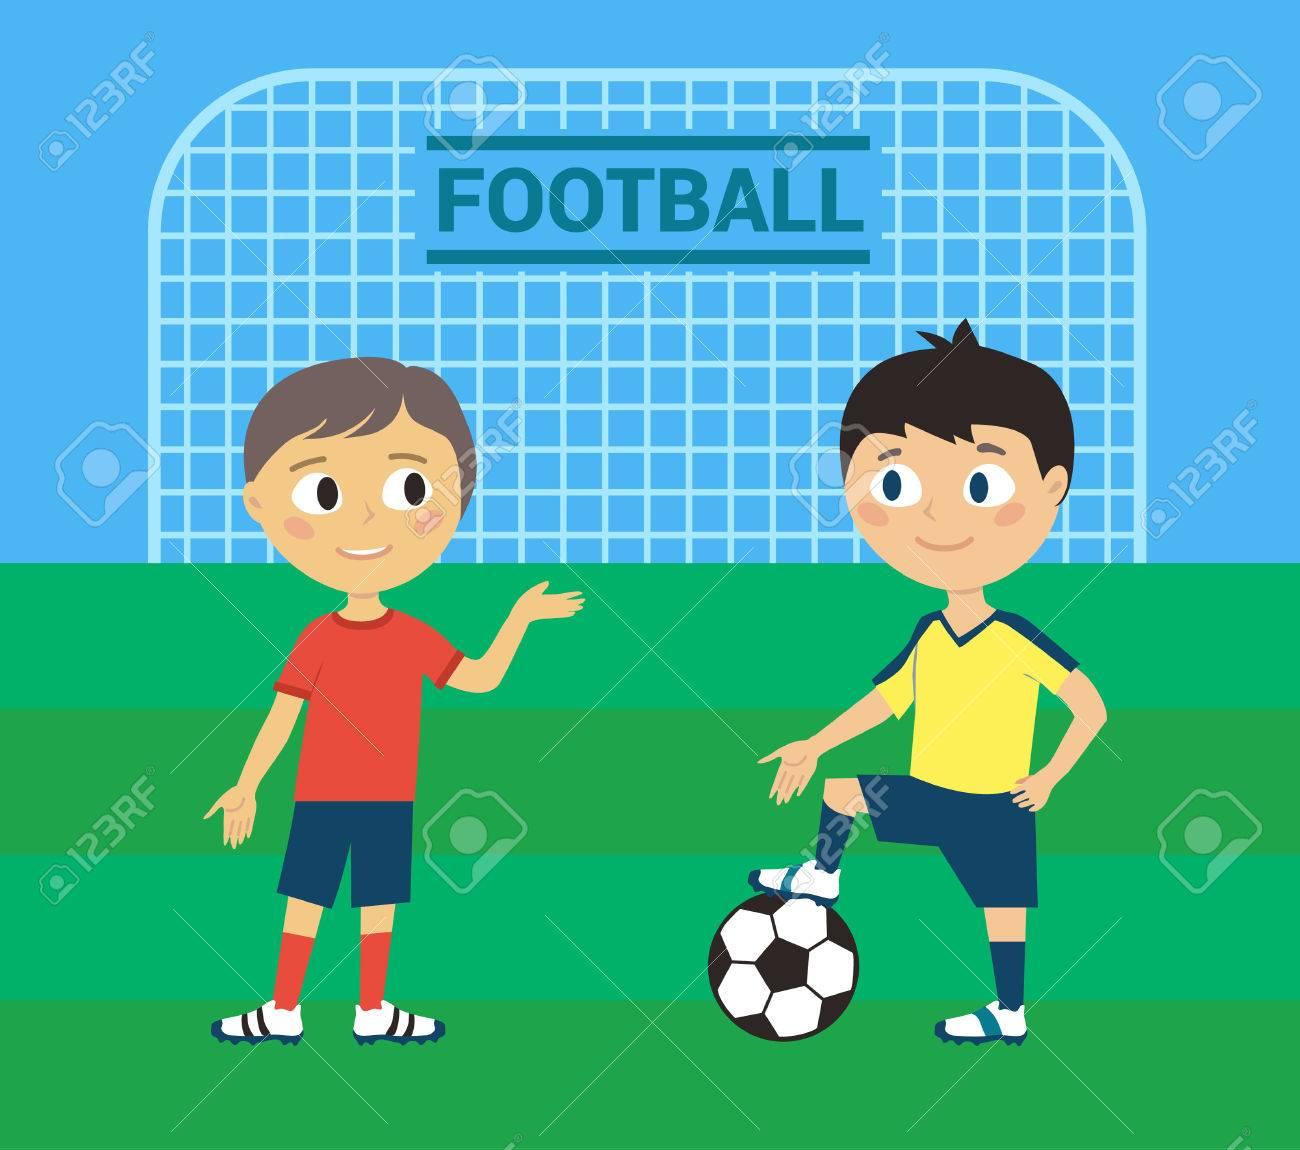 Ilustracion De Ninos Jugando Futbol O Futbol Ilustraciones